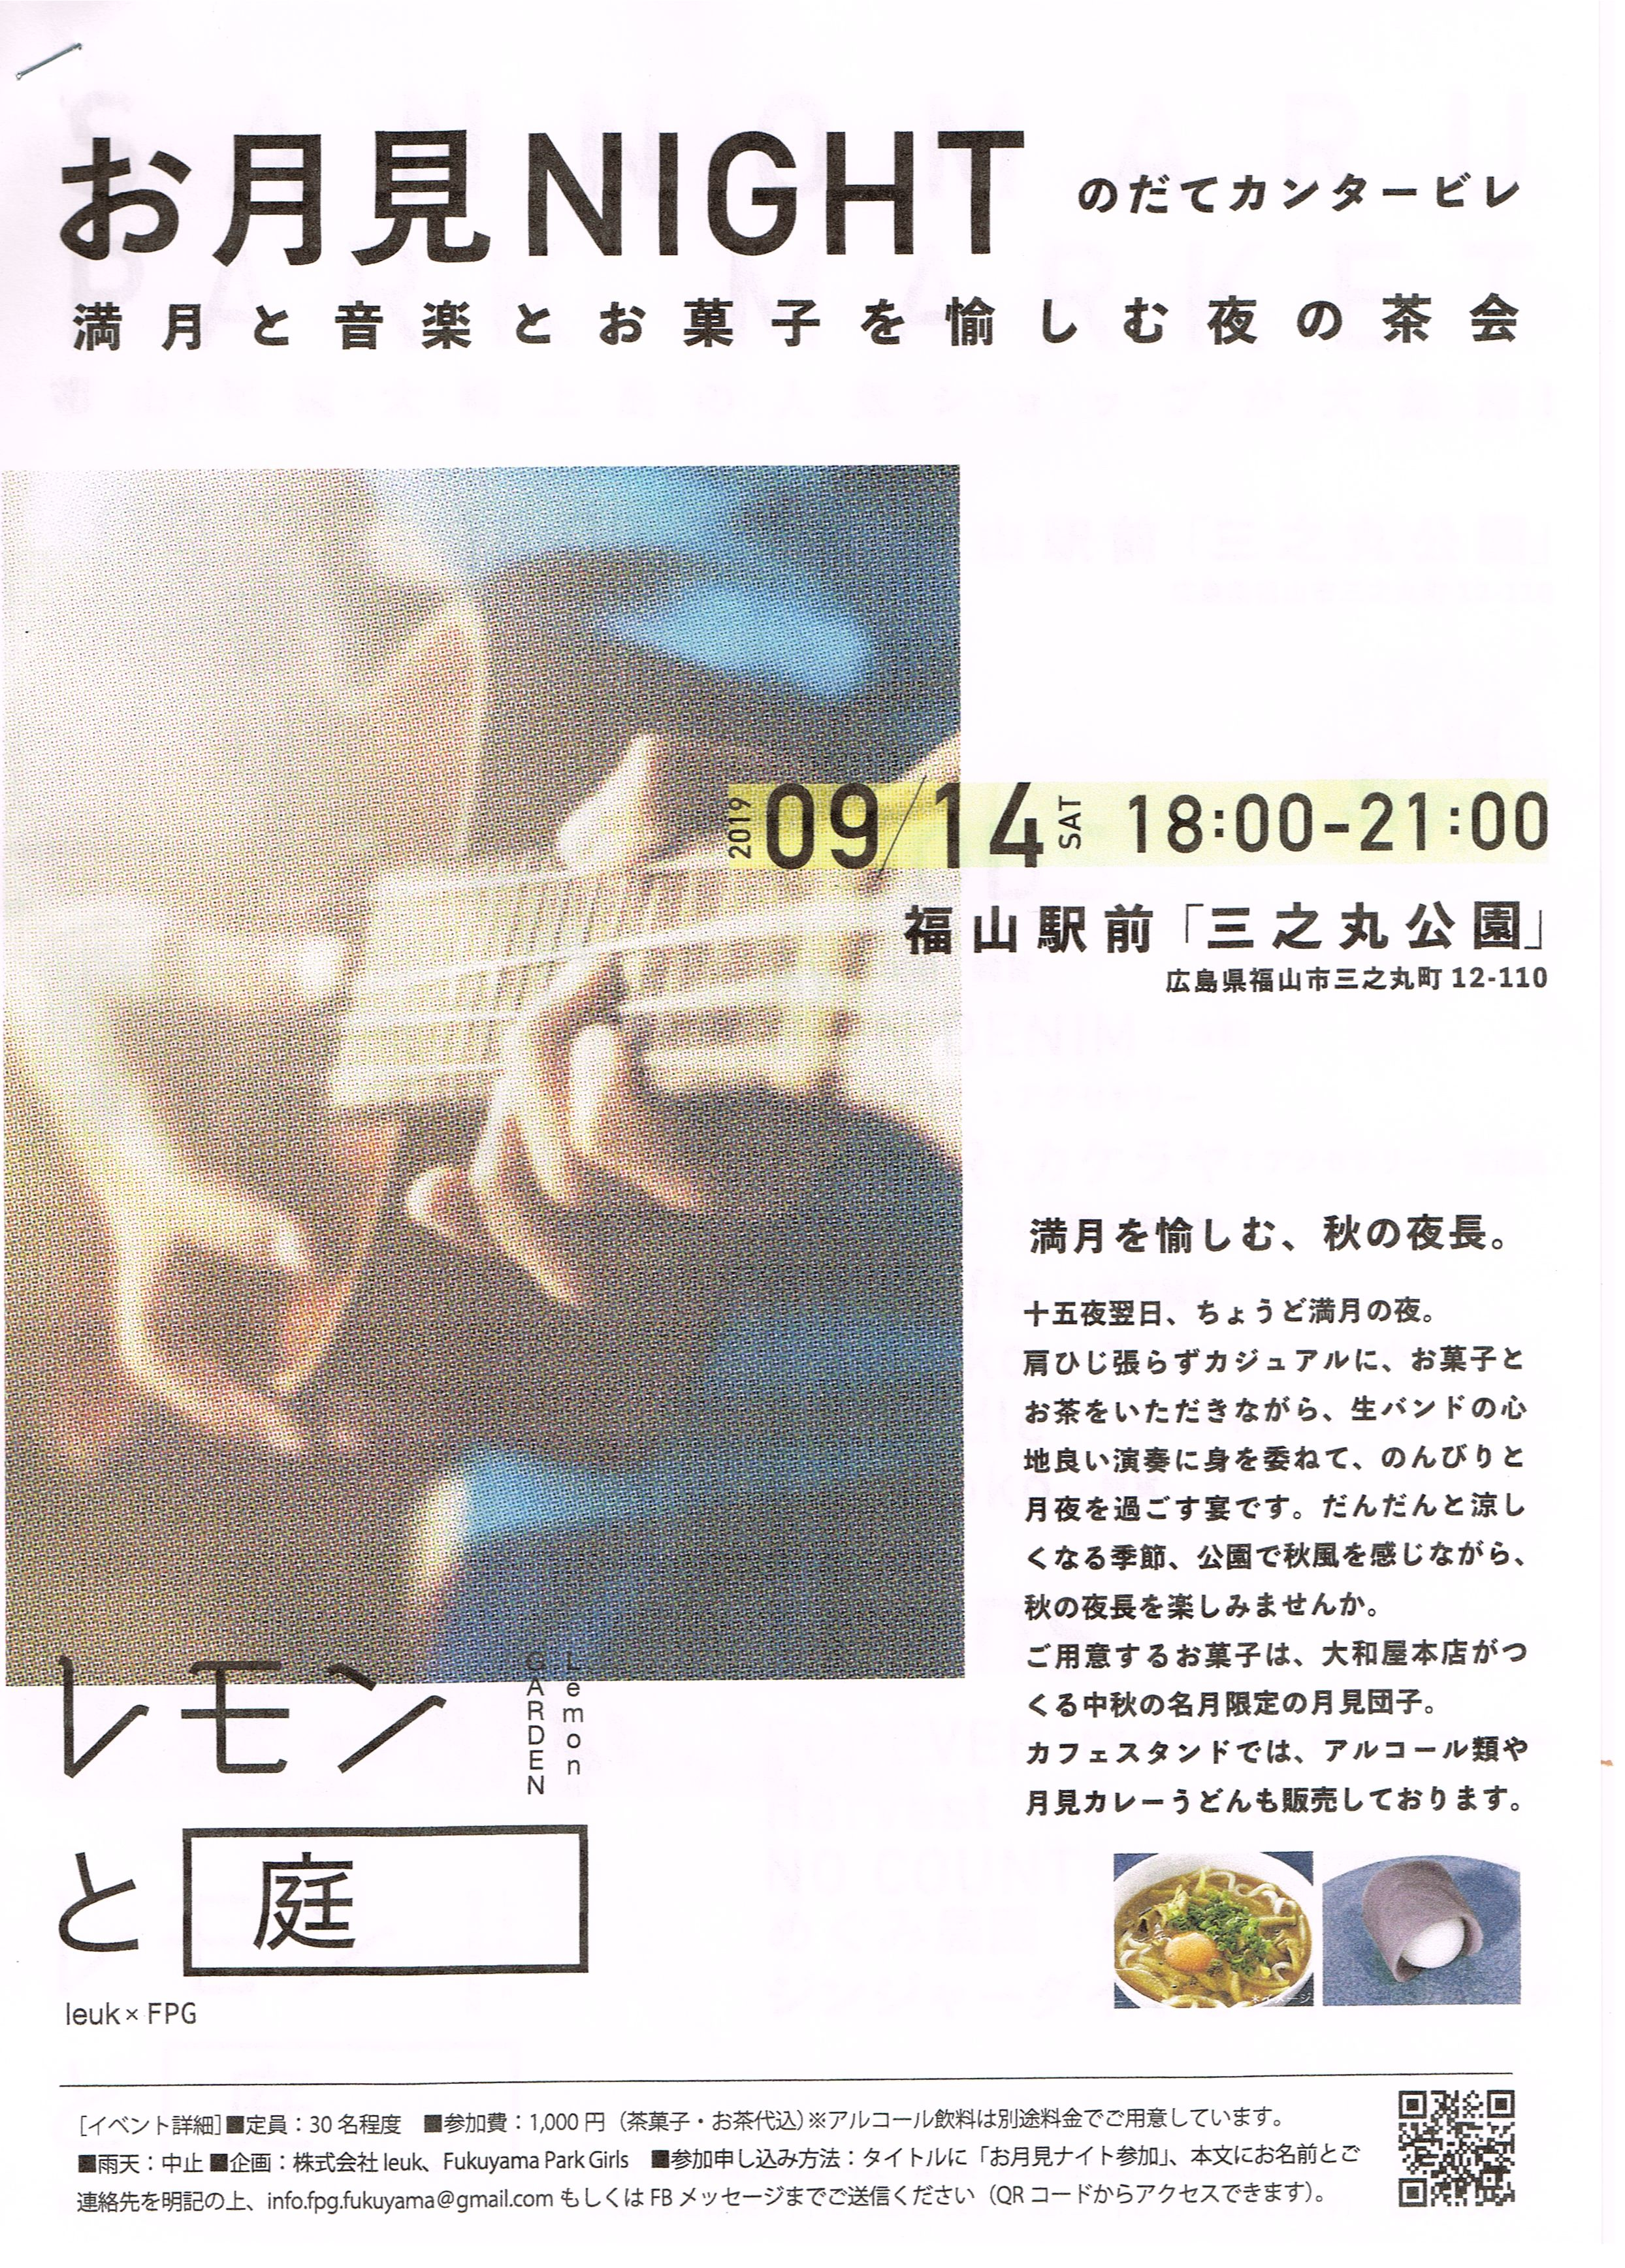 お月見night のだてカンタービレ 9/14 三之丸公園にて開催